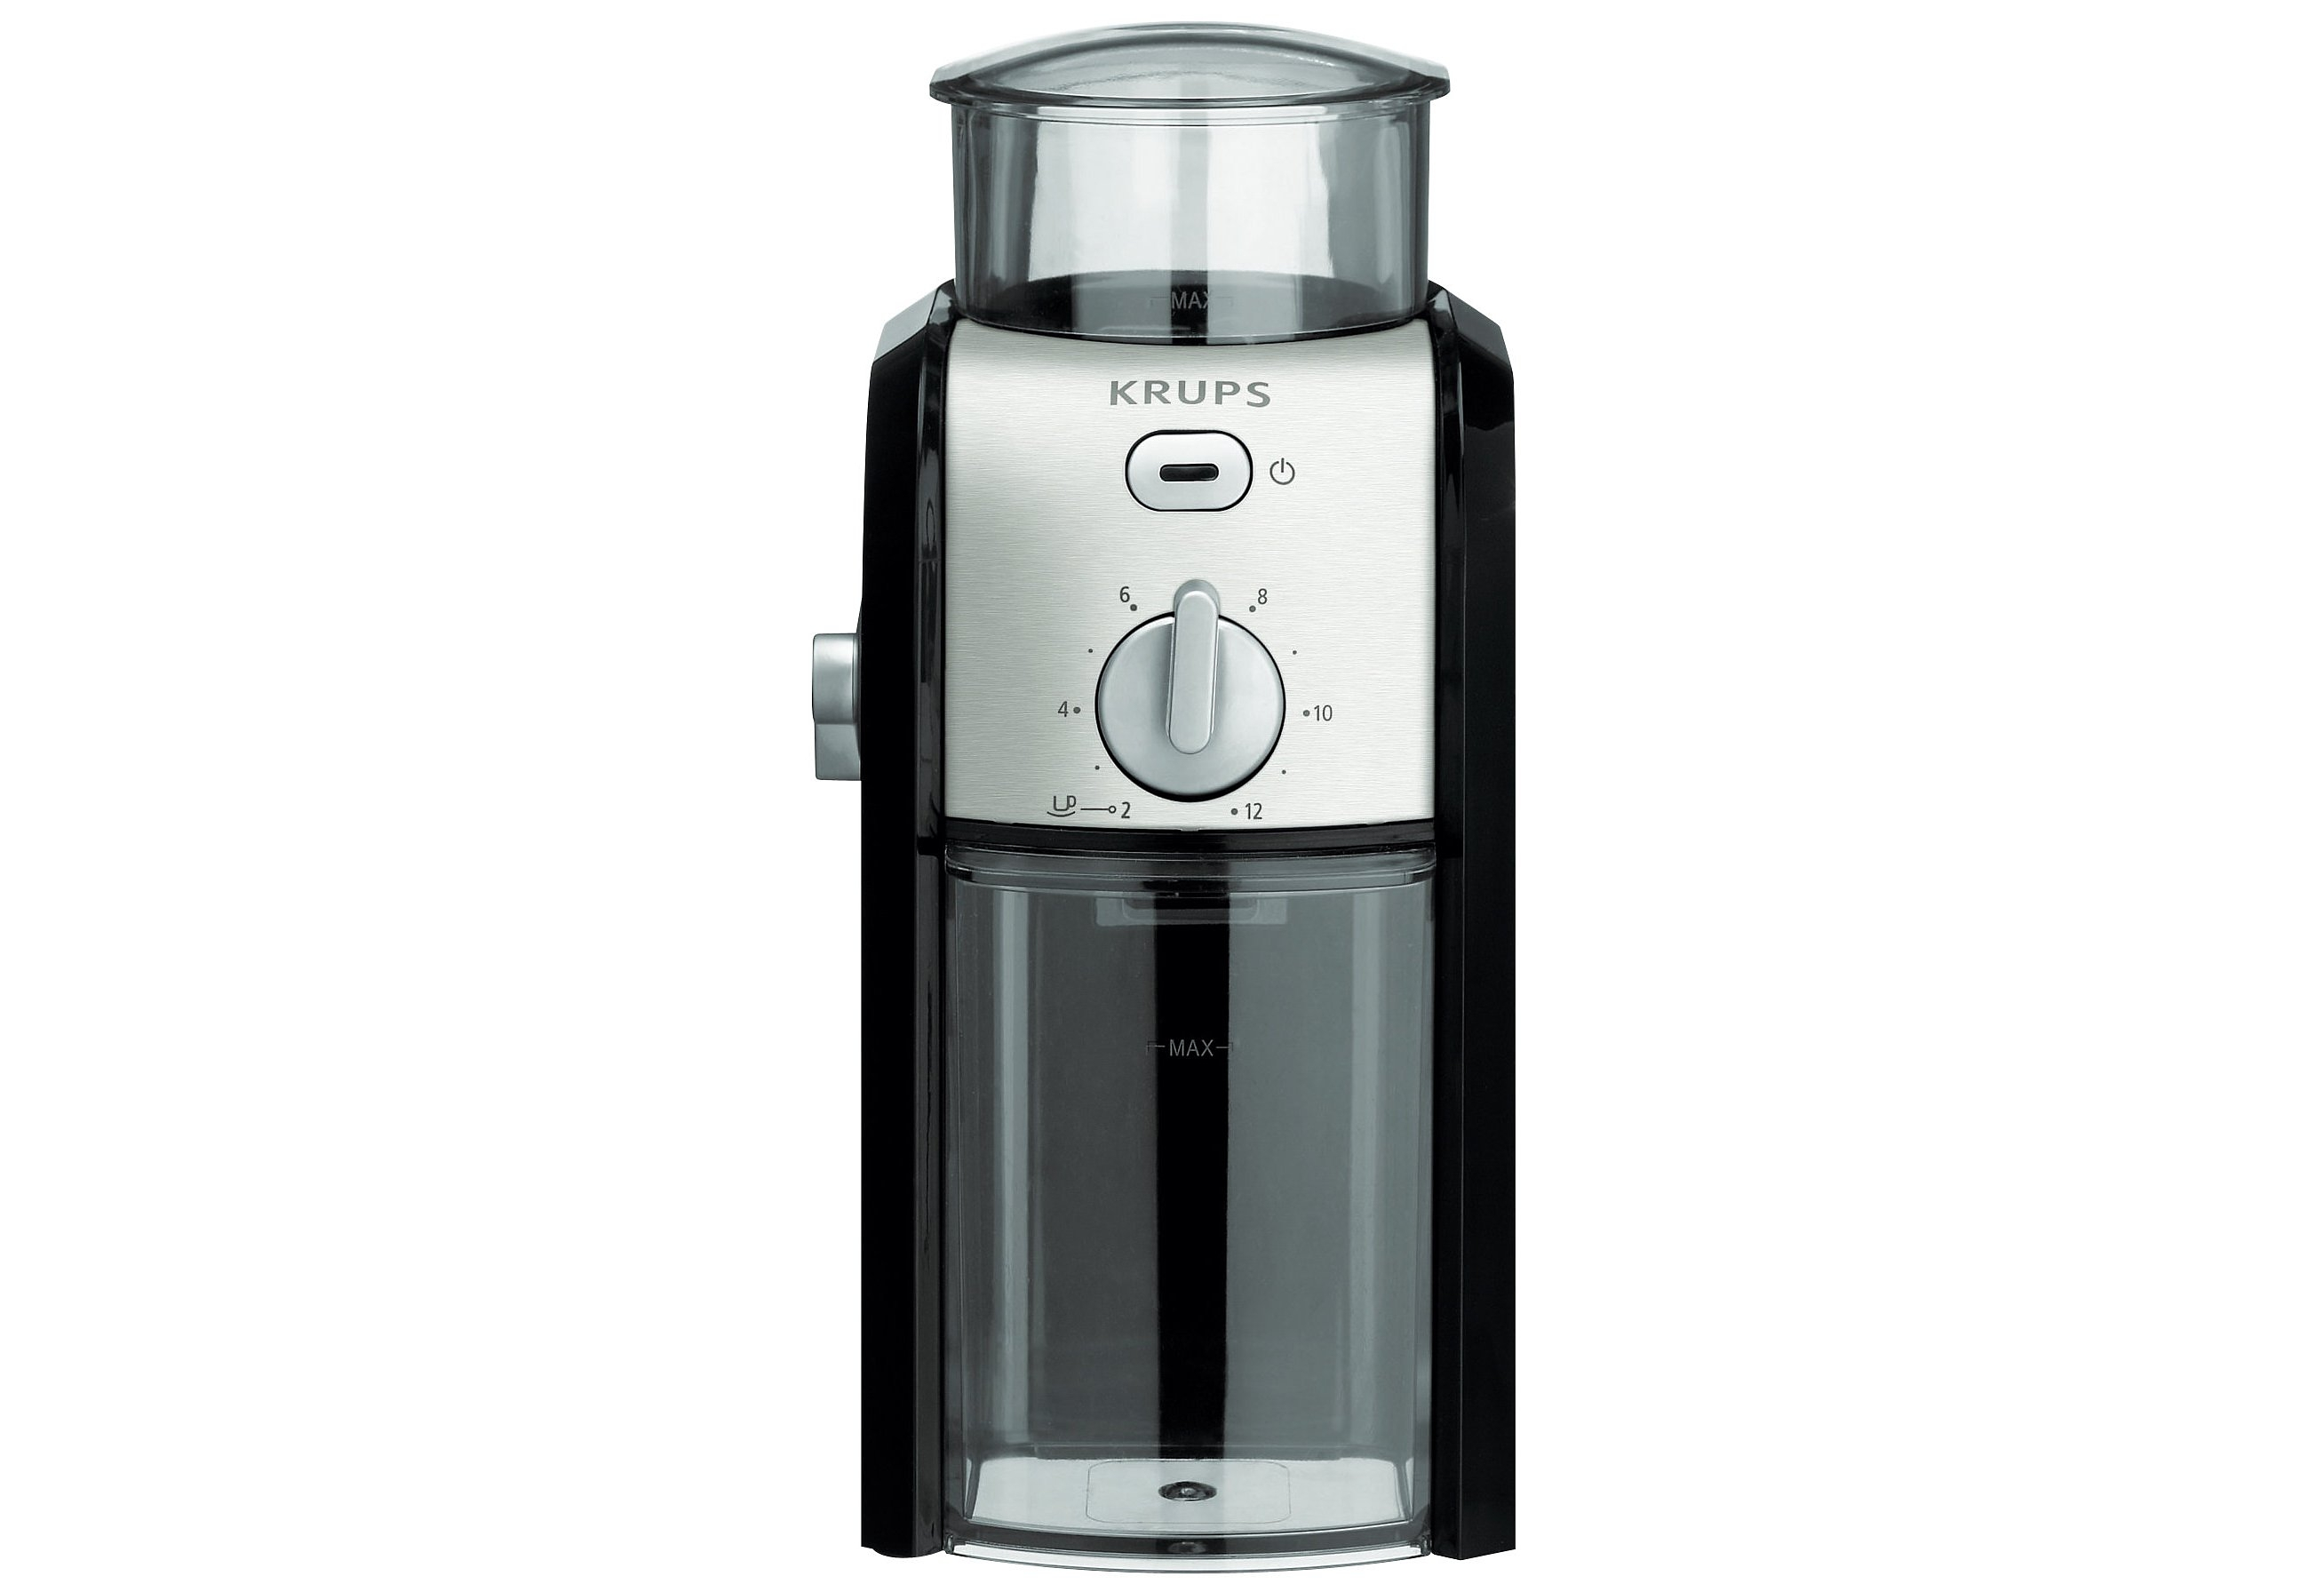 Krups Koffie-/espressomolen bij OTTO online kopen